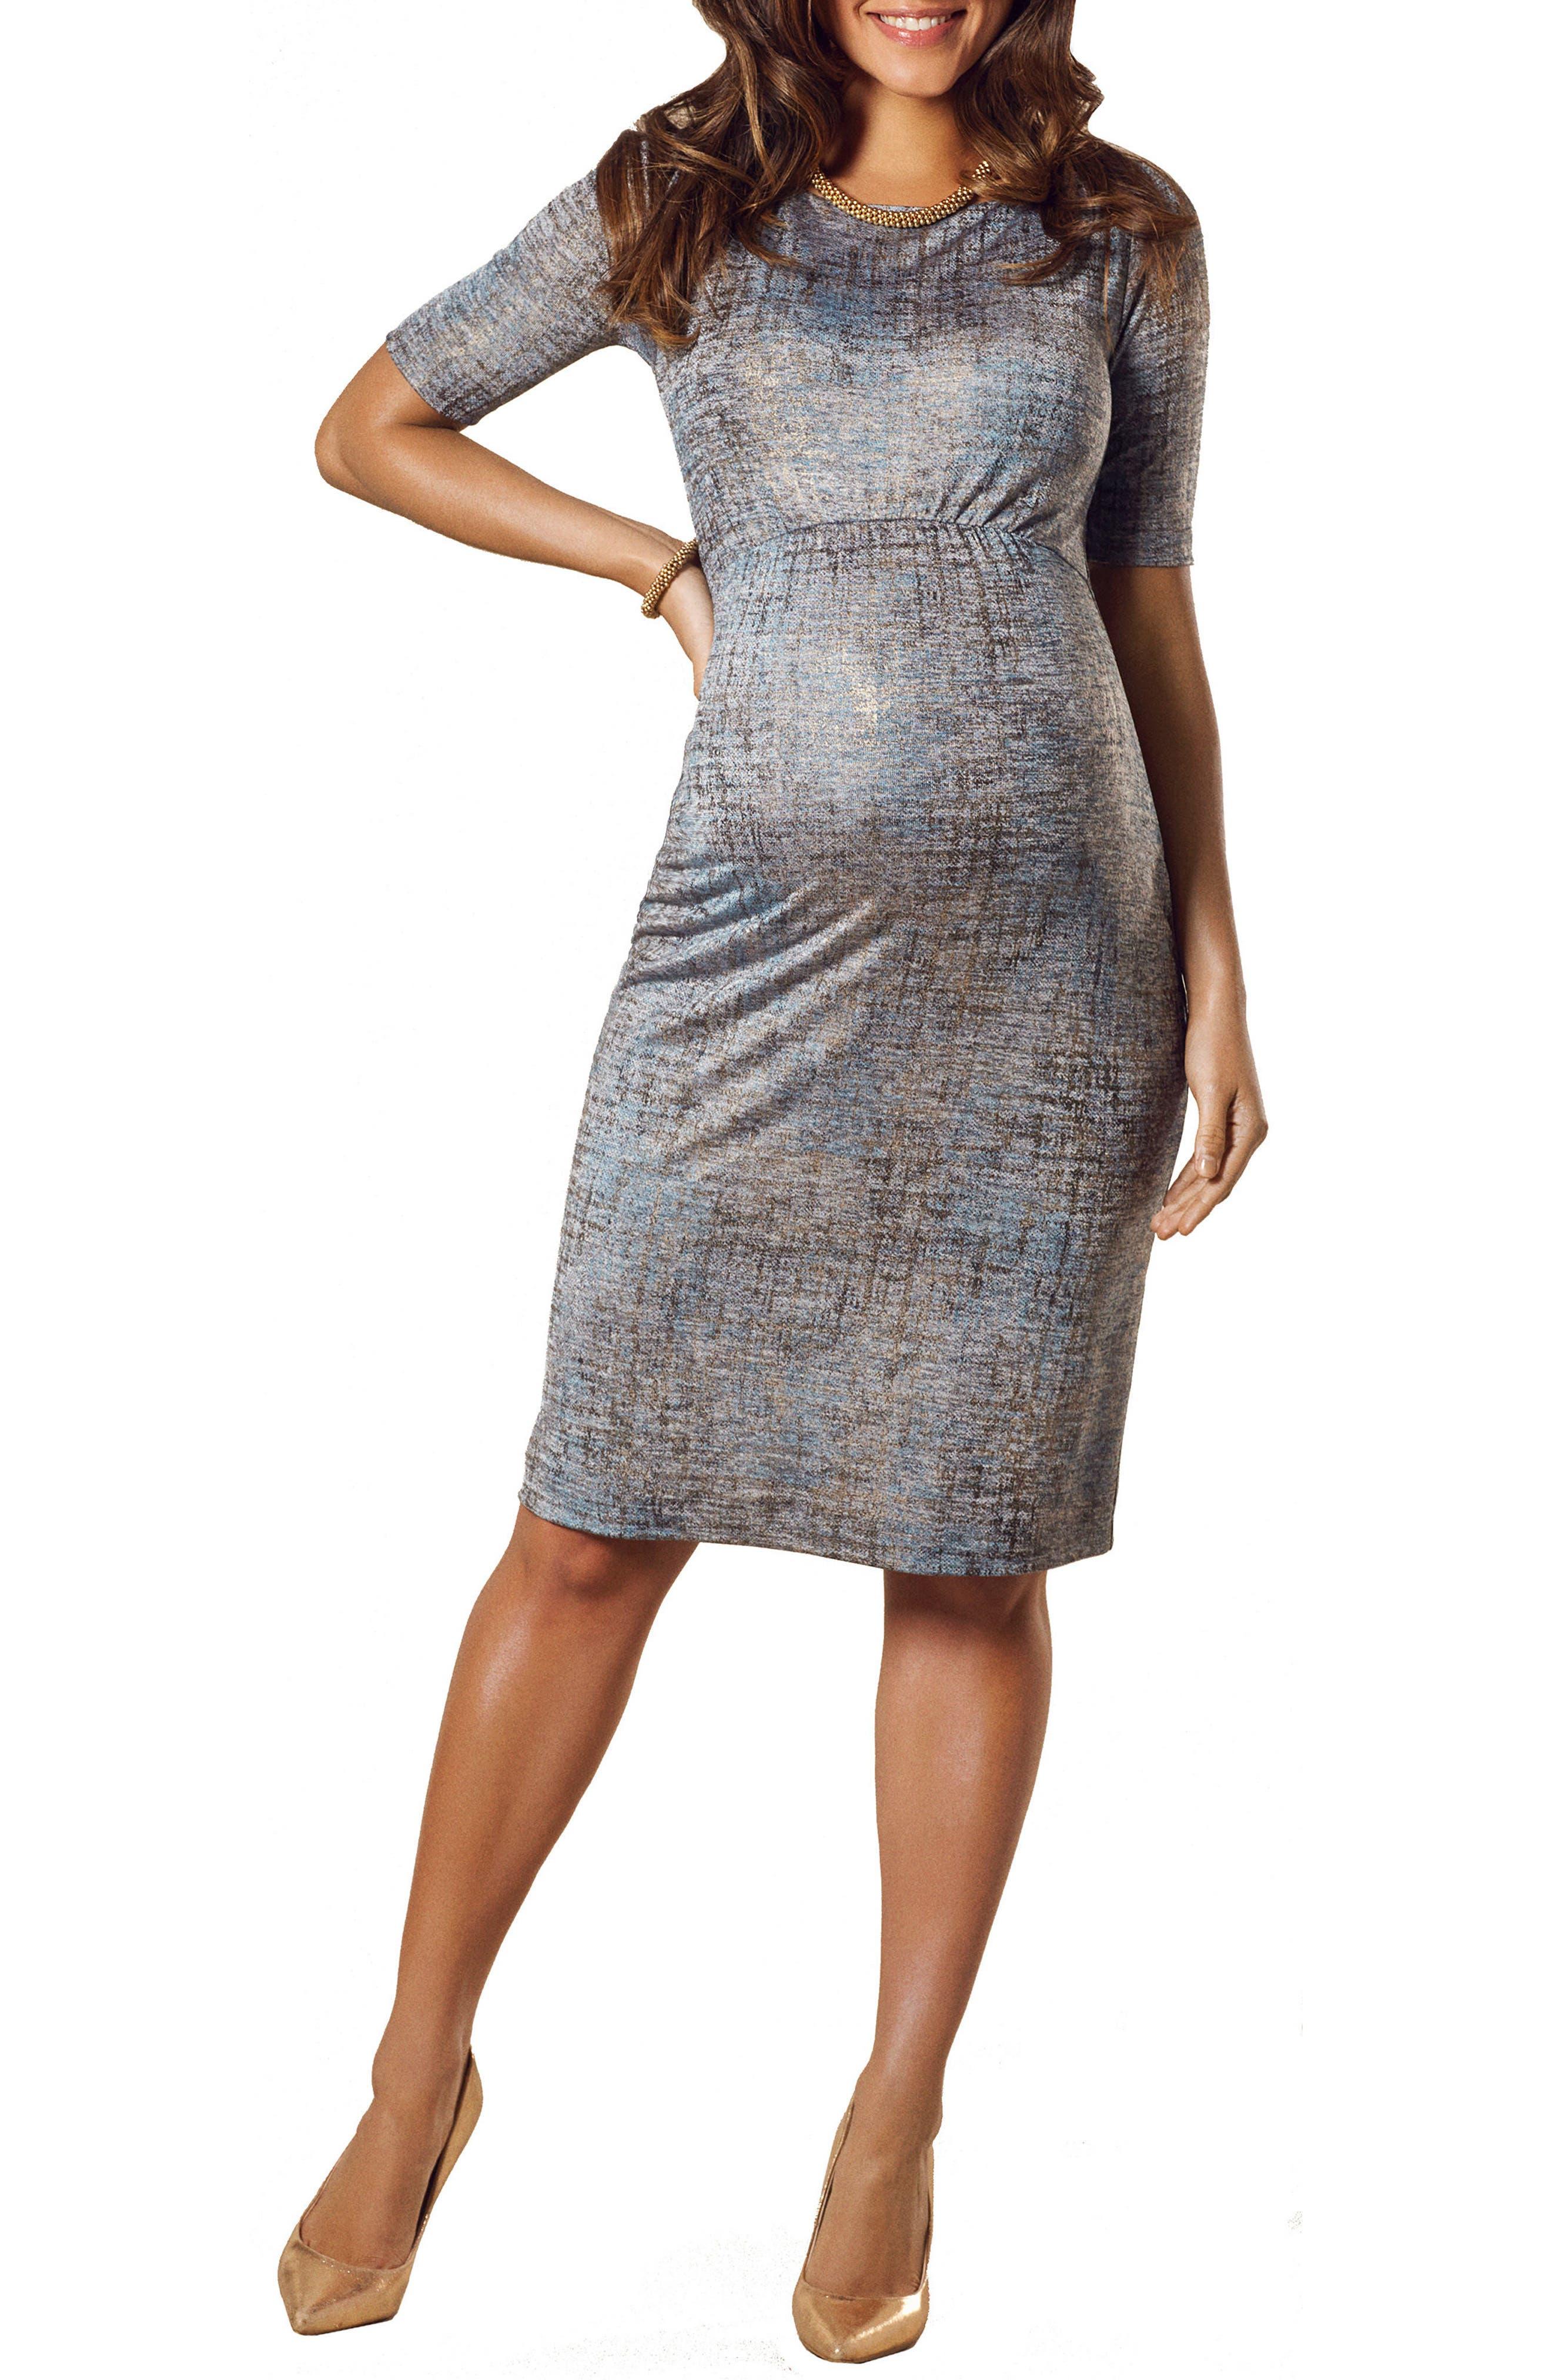 Tiffany Rose Anna Maternity Shift Dress